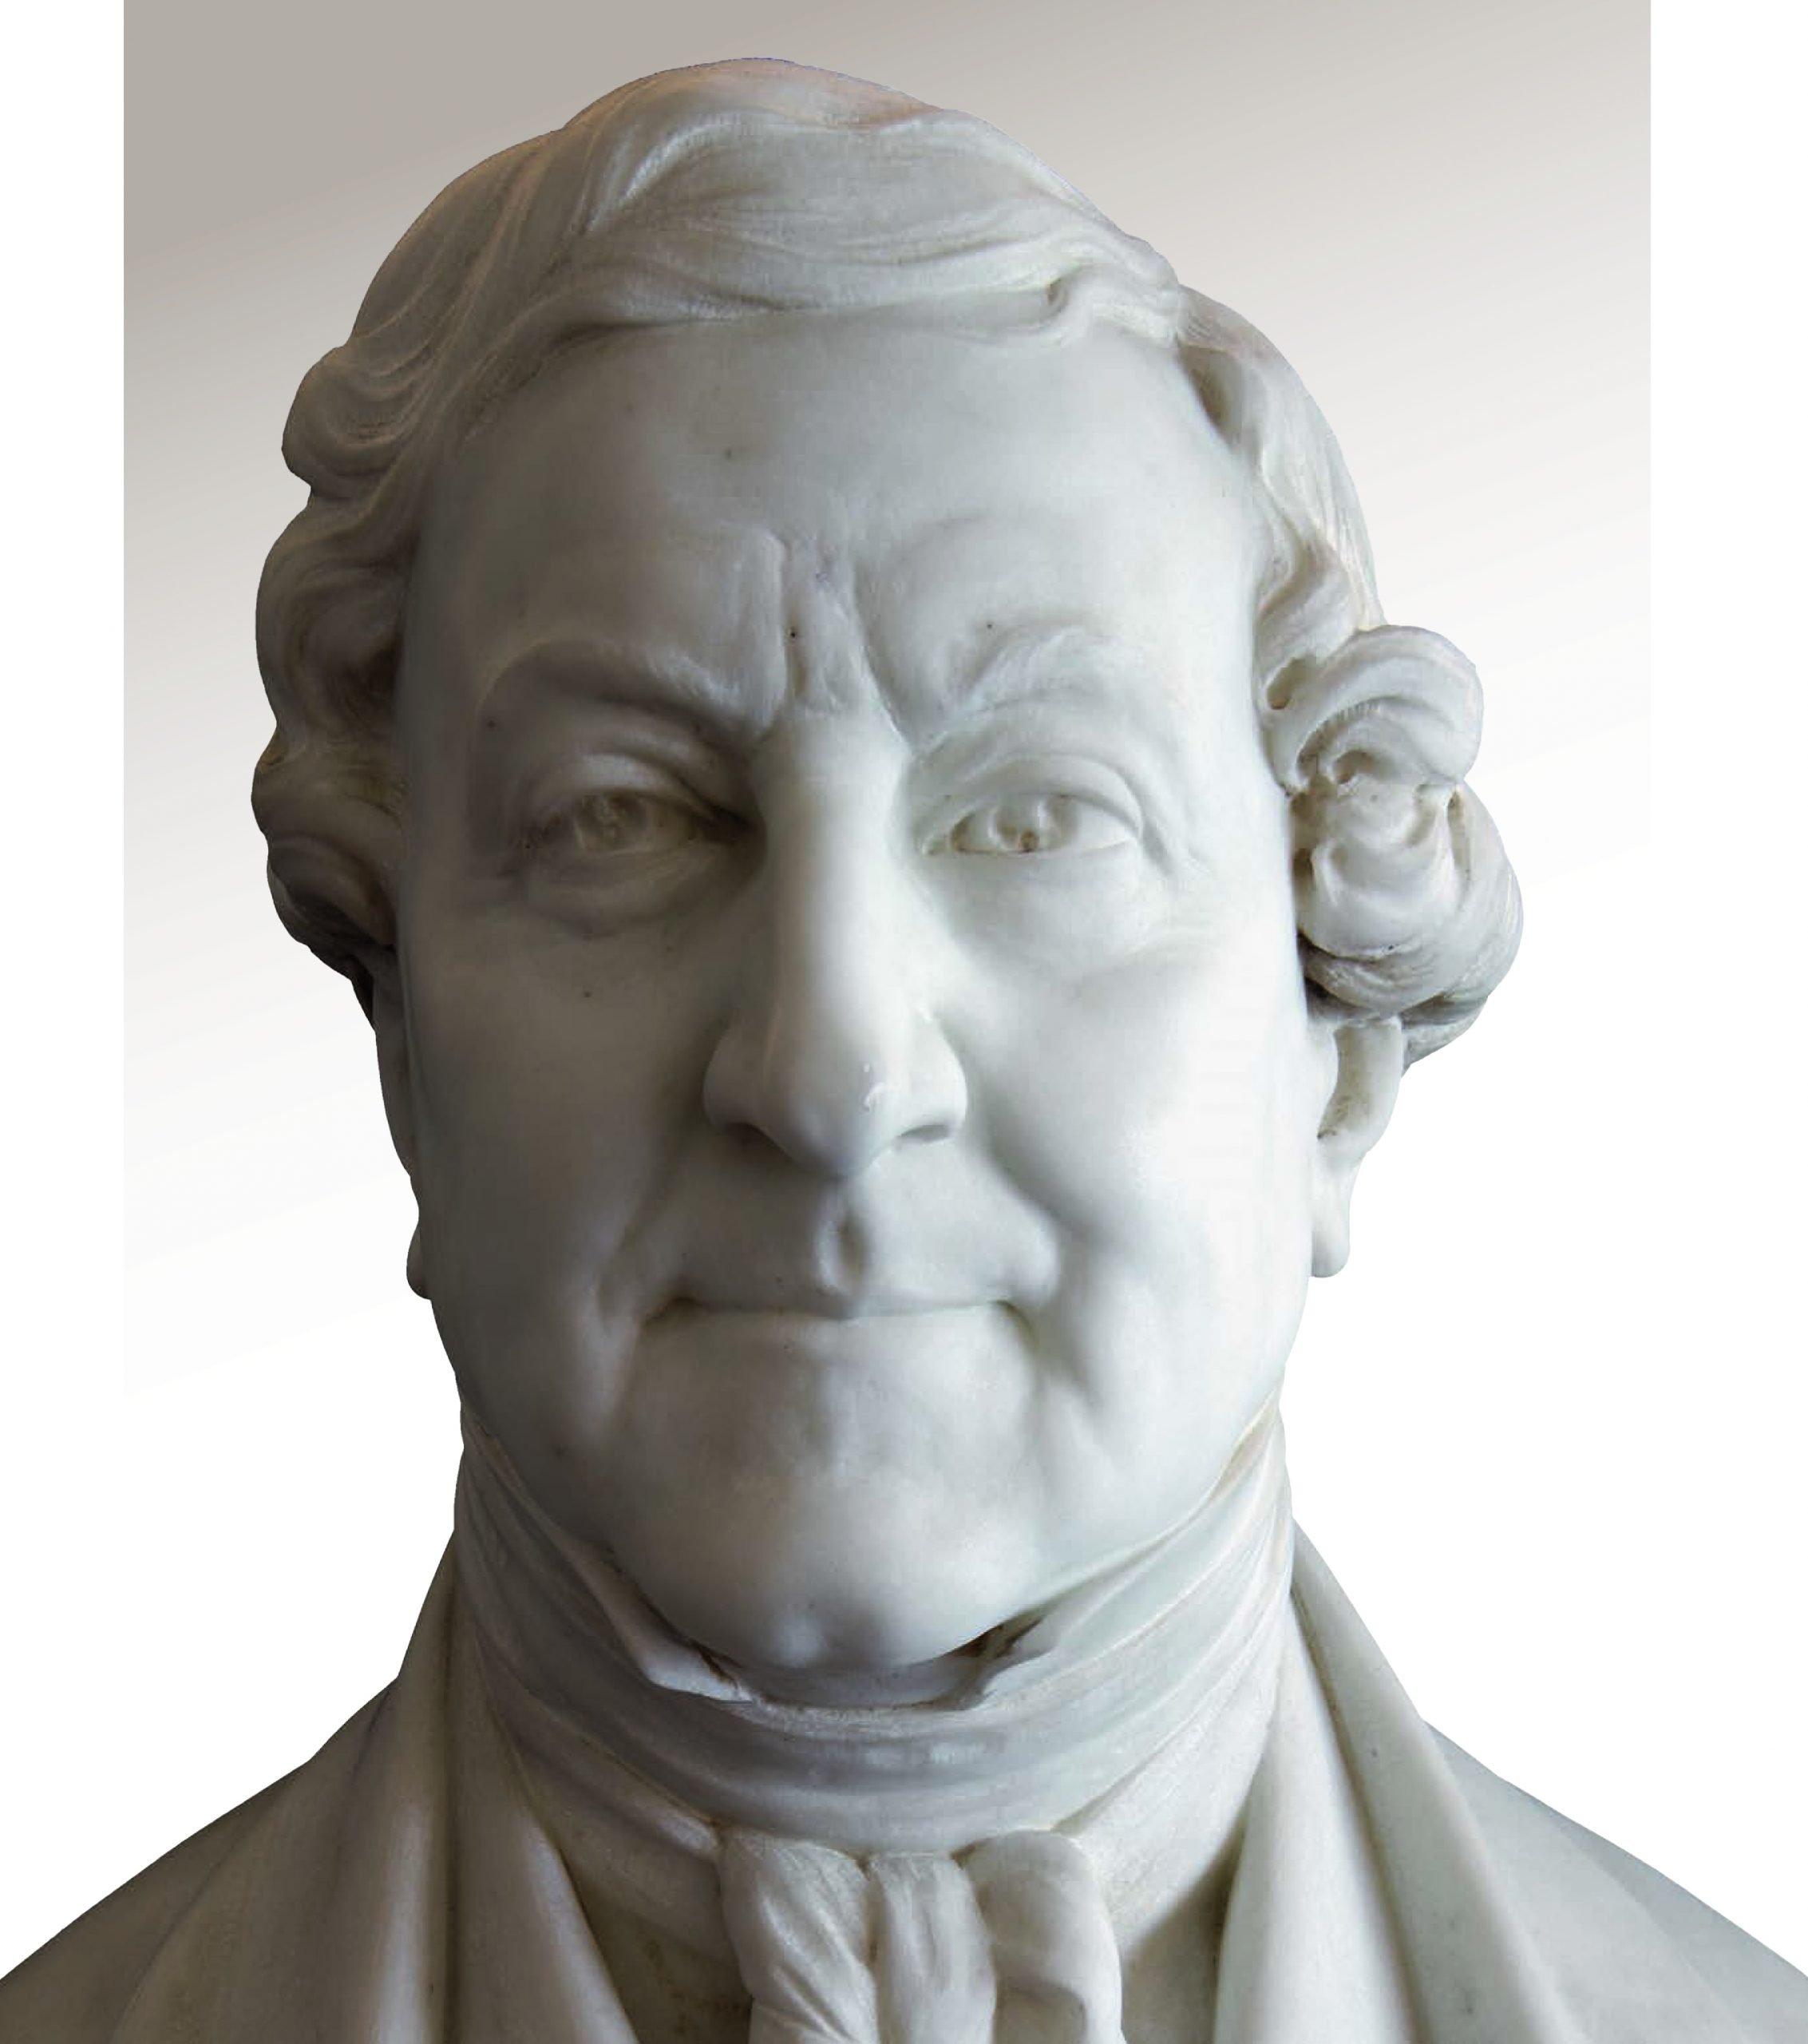 Valmore Gemignani (1878-1956), Gioachino Rossini, busto in marmo